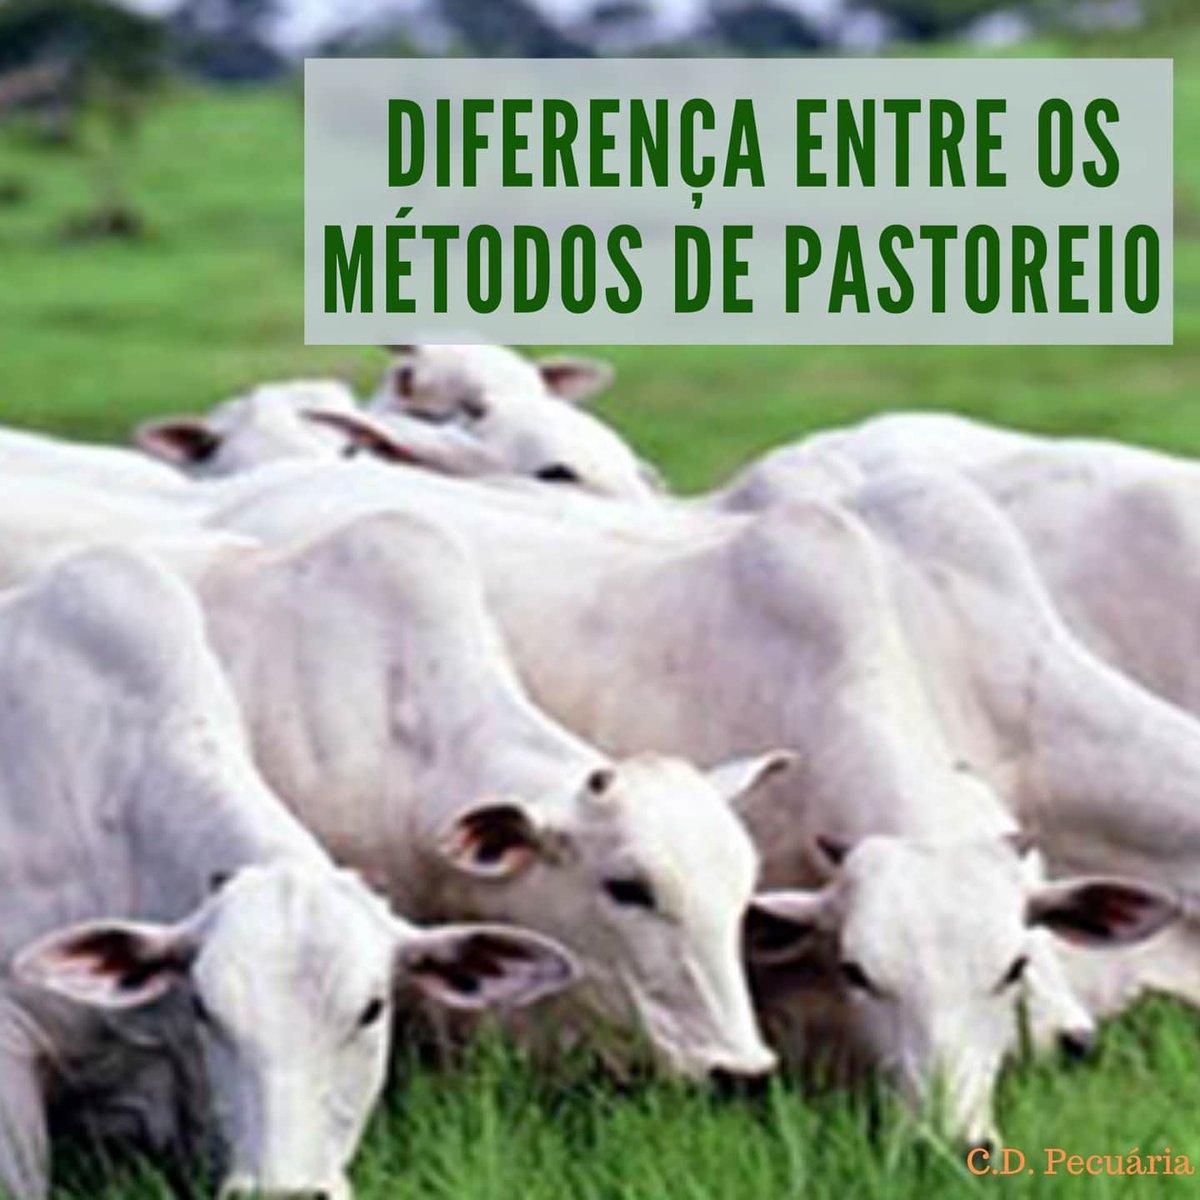 Confira o novo post no instagram @cdpecuaria sobre os métodos de pastagem, uma vez que o bom manejo do gado tem papel importante na engorda e na manutenção da propriedade.  #cdpecuaria #dicasdapecuaria #nelore #pecuariabrasil #pecuariadecorte #boidecortepic.twitter.com/3iDI1MjHSC